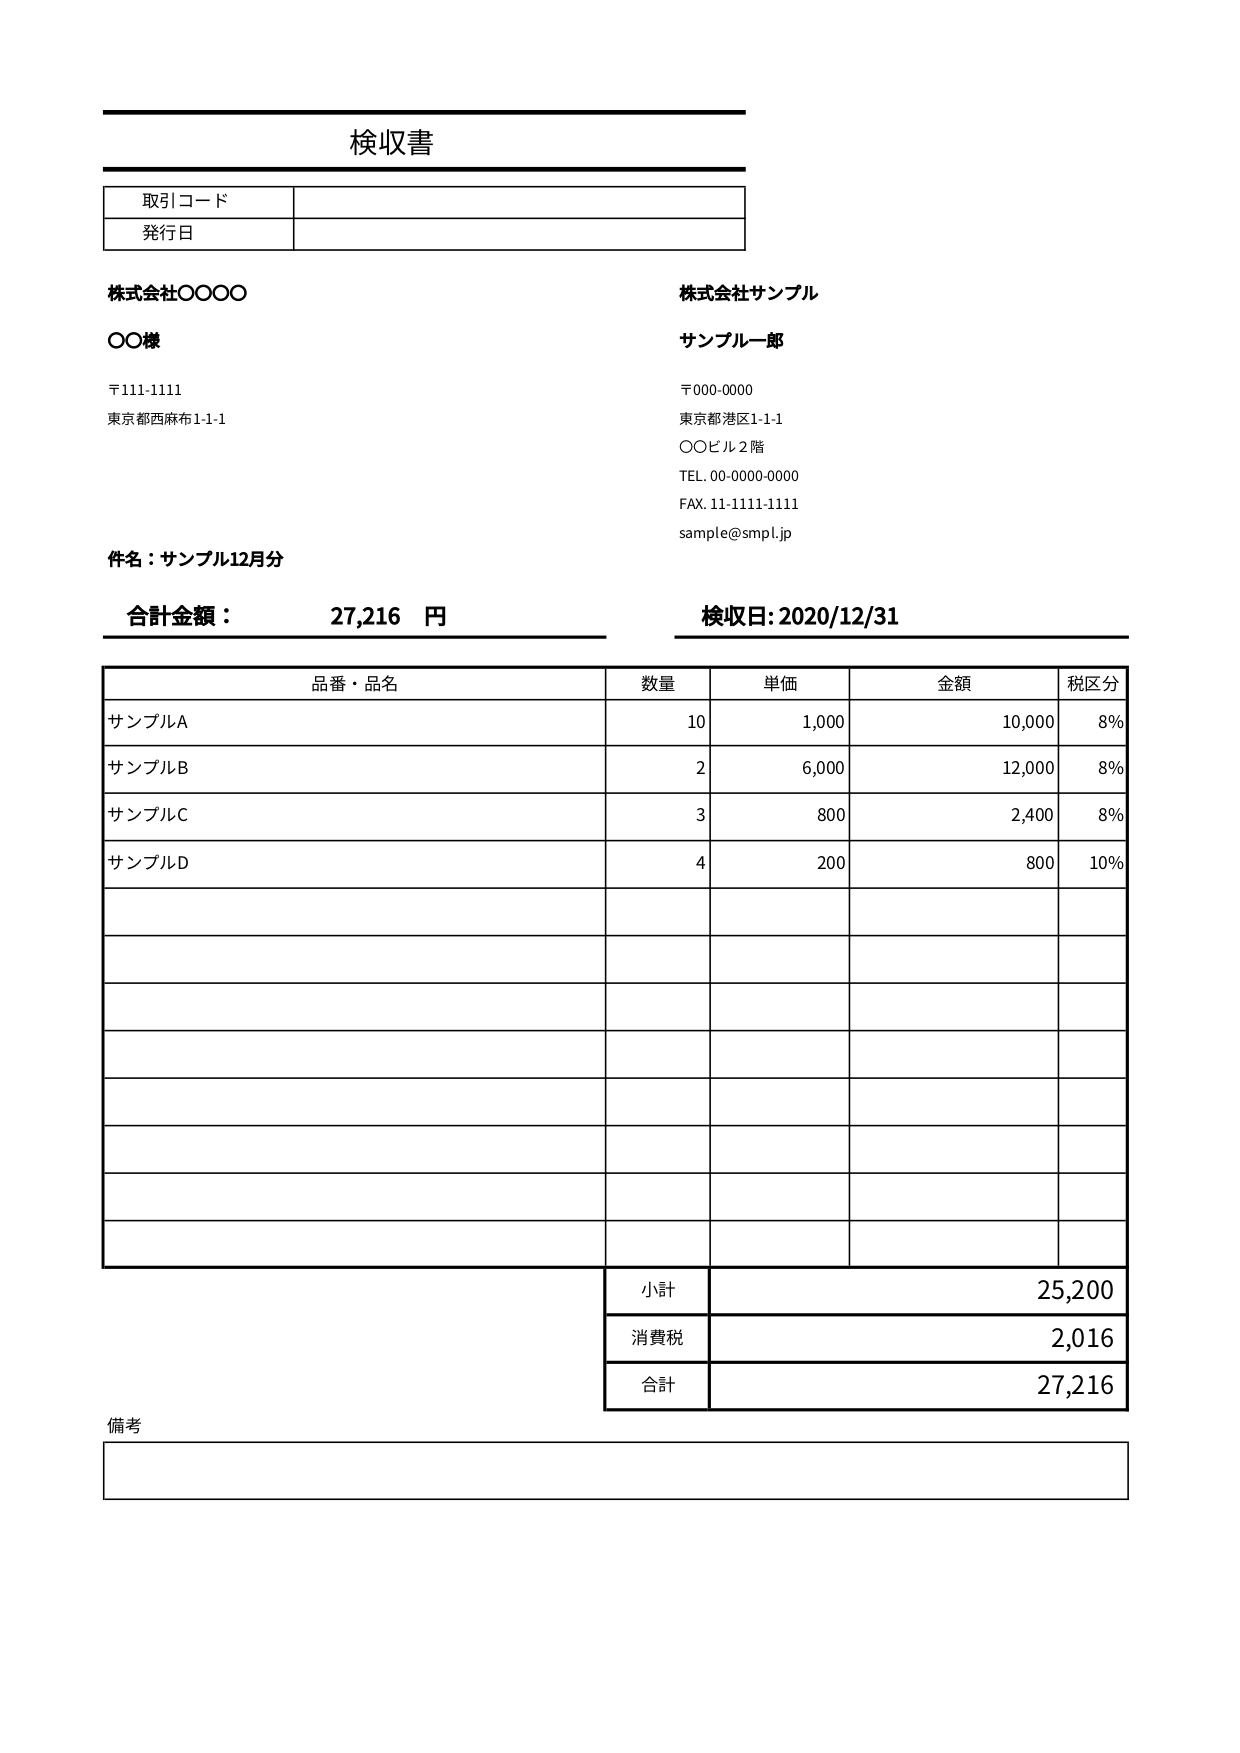 請求書、見積書、発注書、納品書、検収書のエクセル雛形テンプレート無料ダウンロード 検収書のエクセルテンプレート(無料)検収書11 ナカオさんモデル完成版